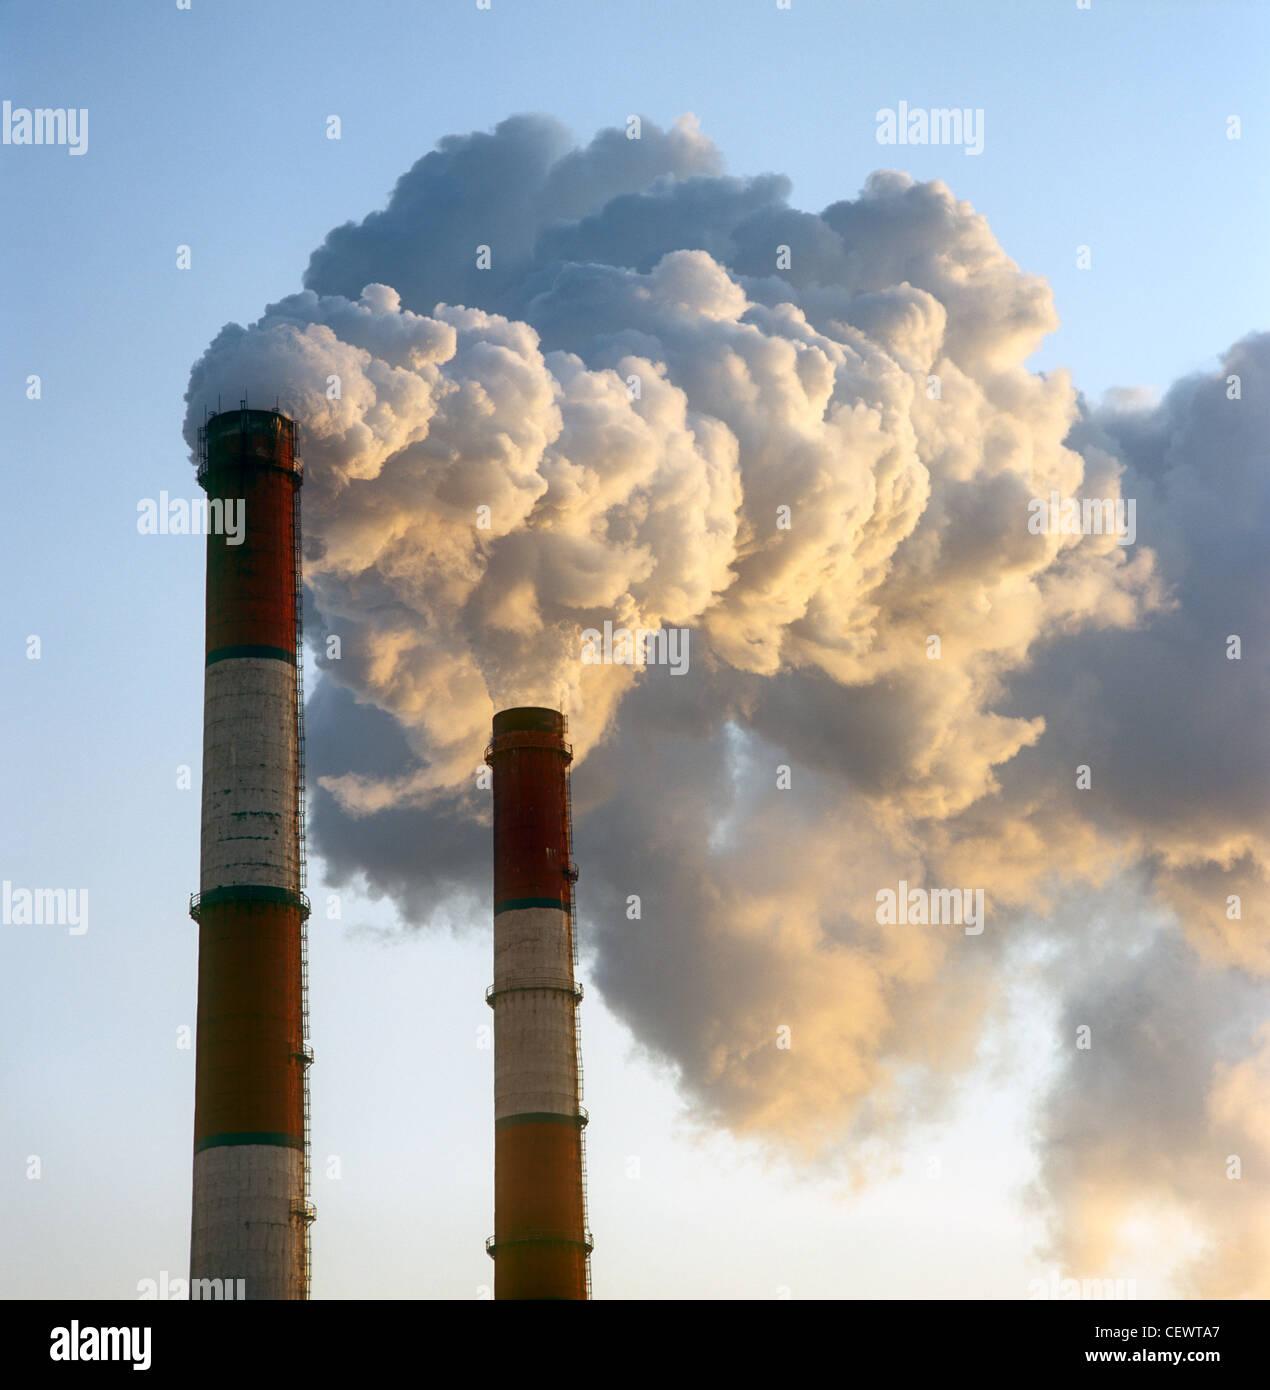 La pollution de l'air par la fumée sortir de deux cheminées d'usine. Photo Stock